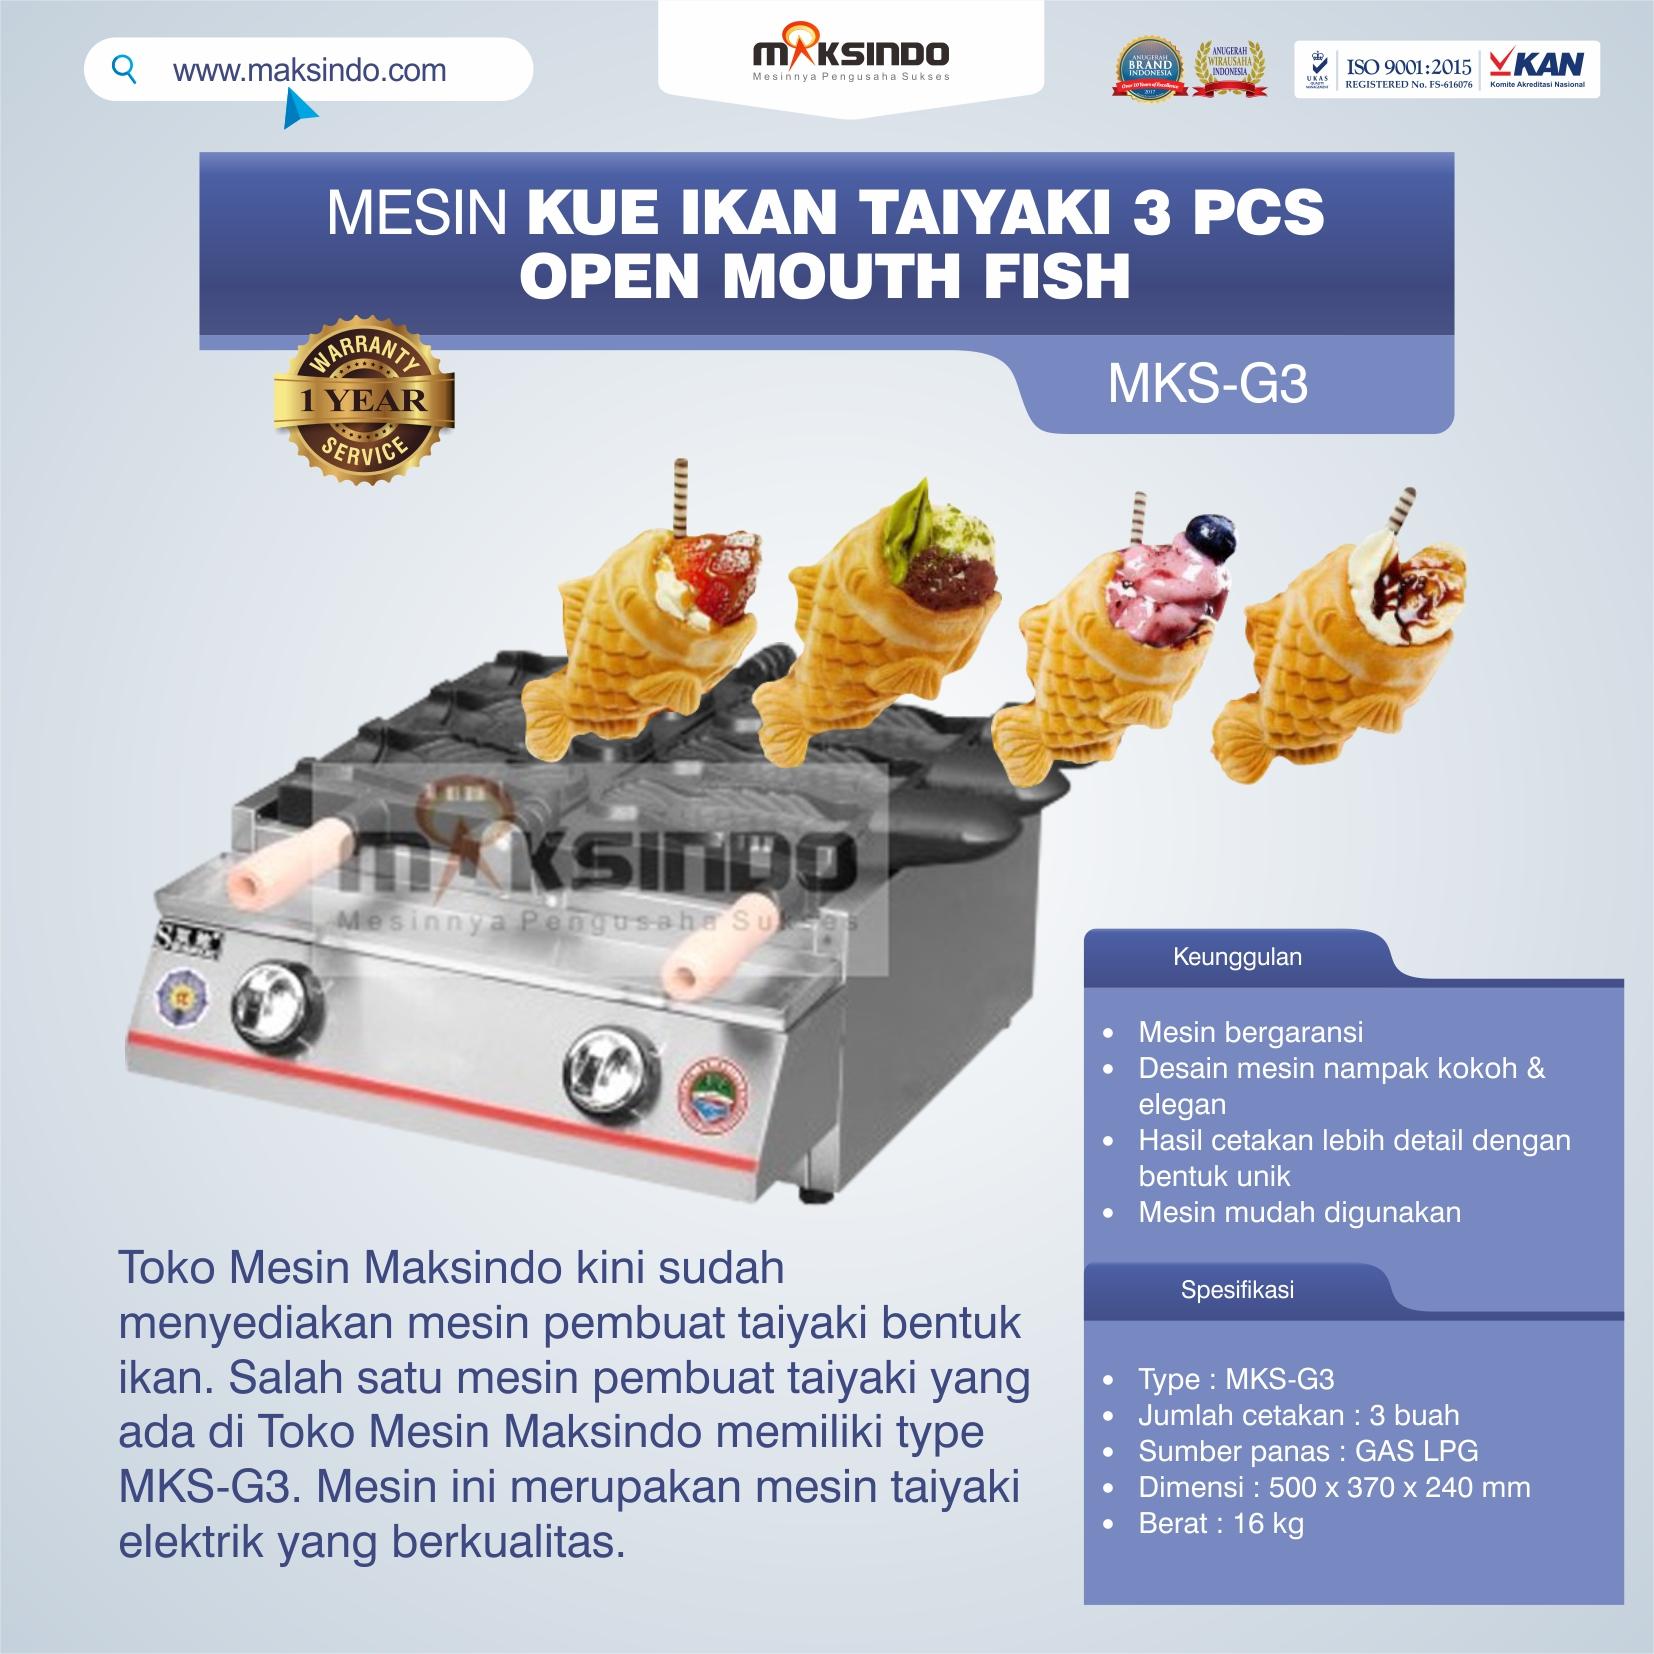 Jual Mesin Kue Ikan Taiyaki (3 pcs) – Open Mouth Fish di Medan